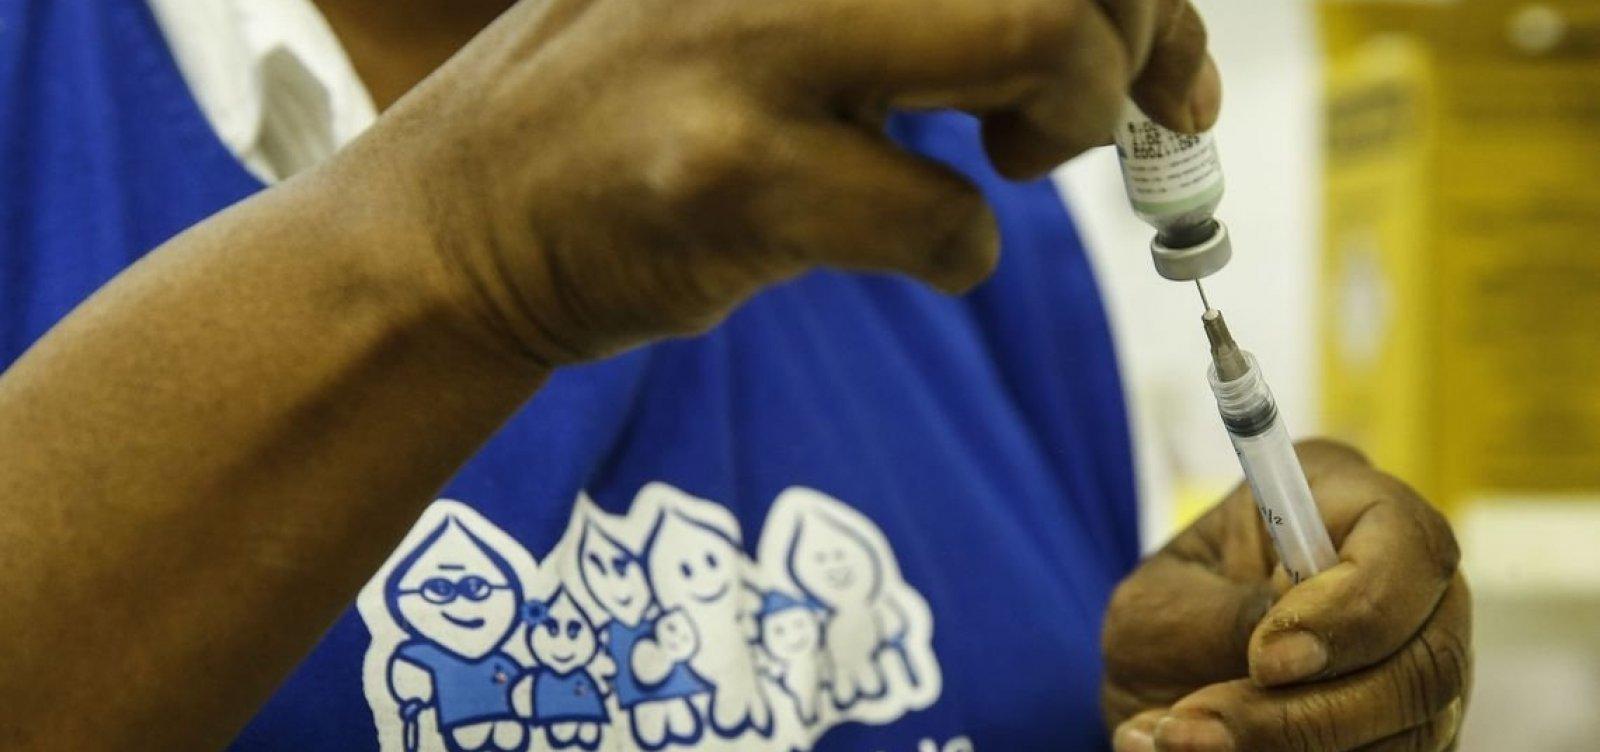 Bahia registra primeiro caso de sarampo em 2018